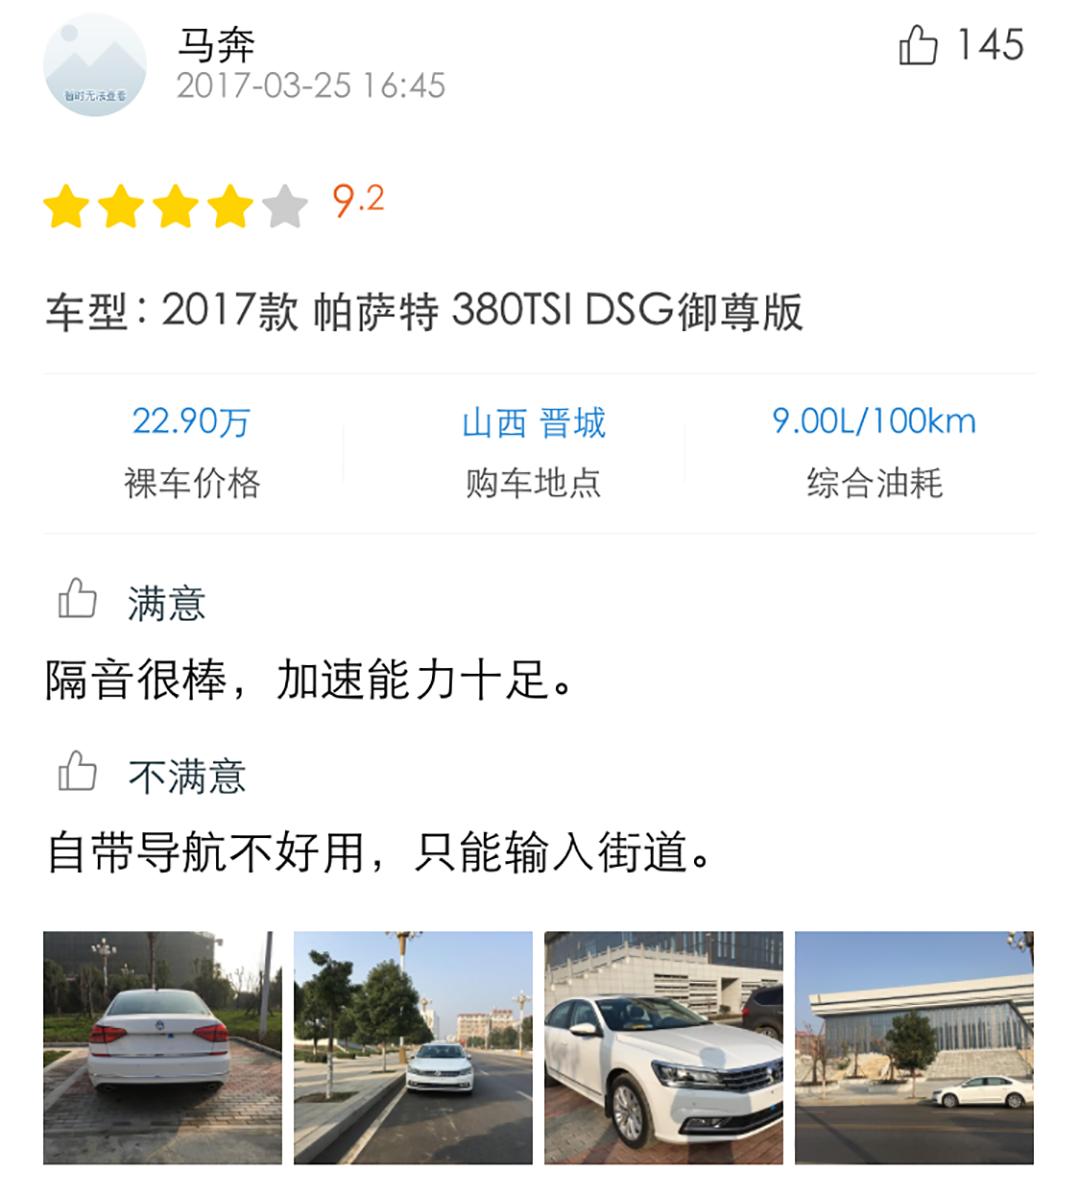 这款神车在中国火了10多年,新老车主都很满意!